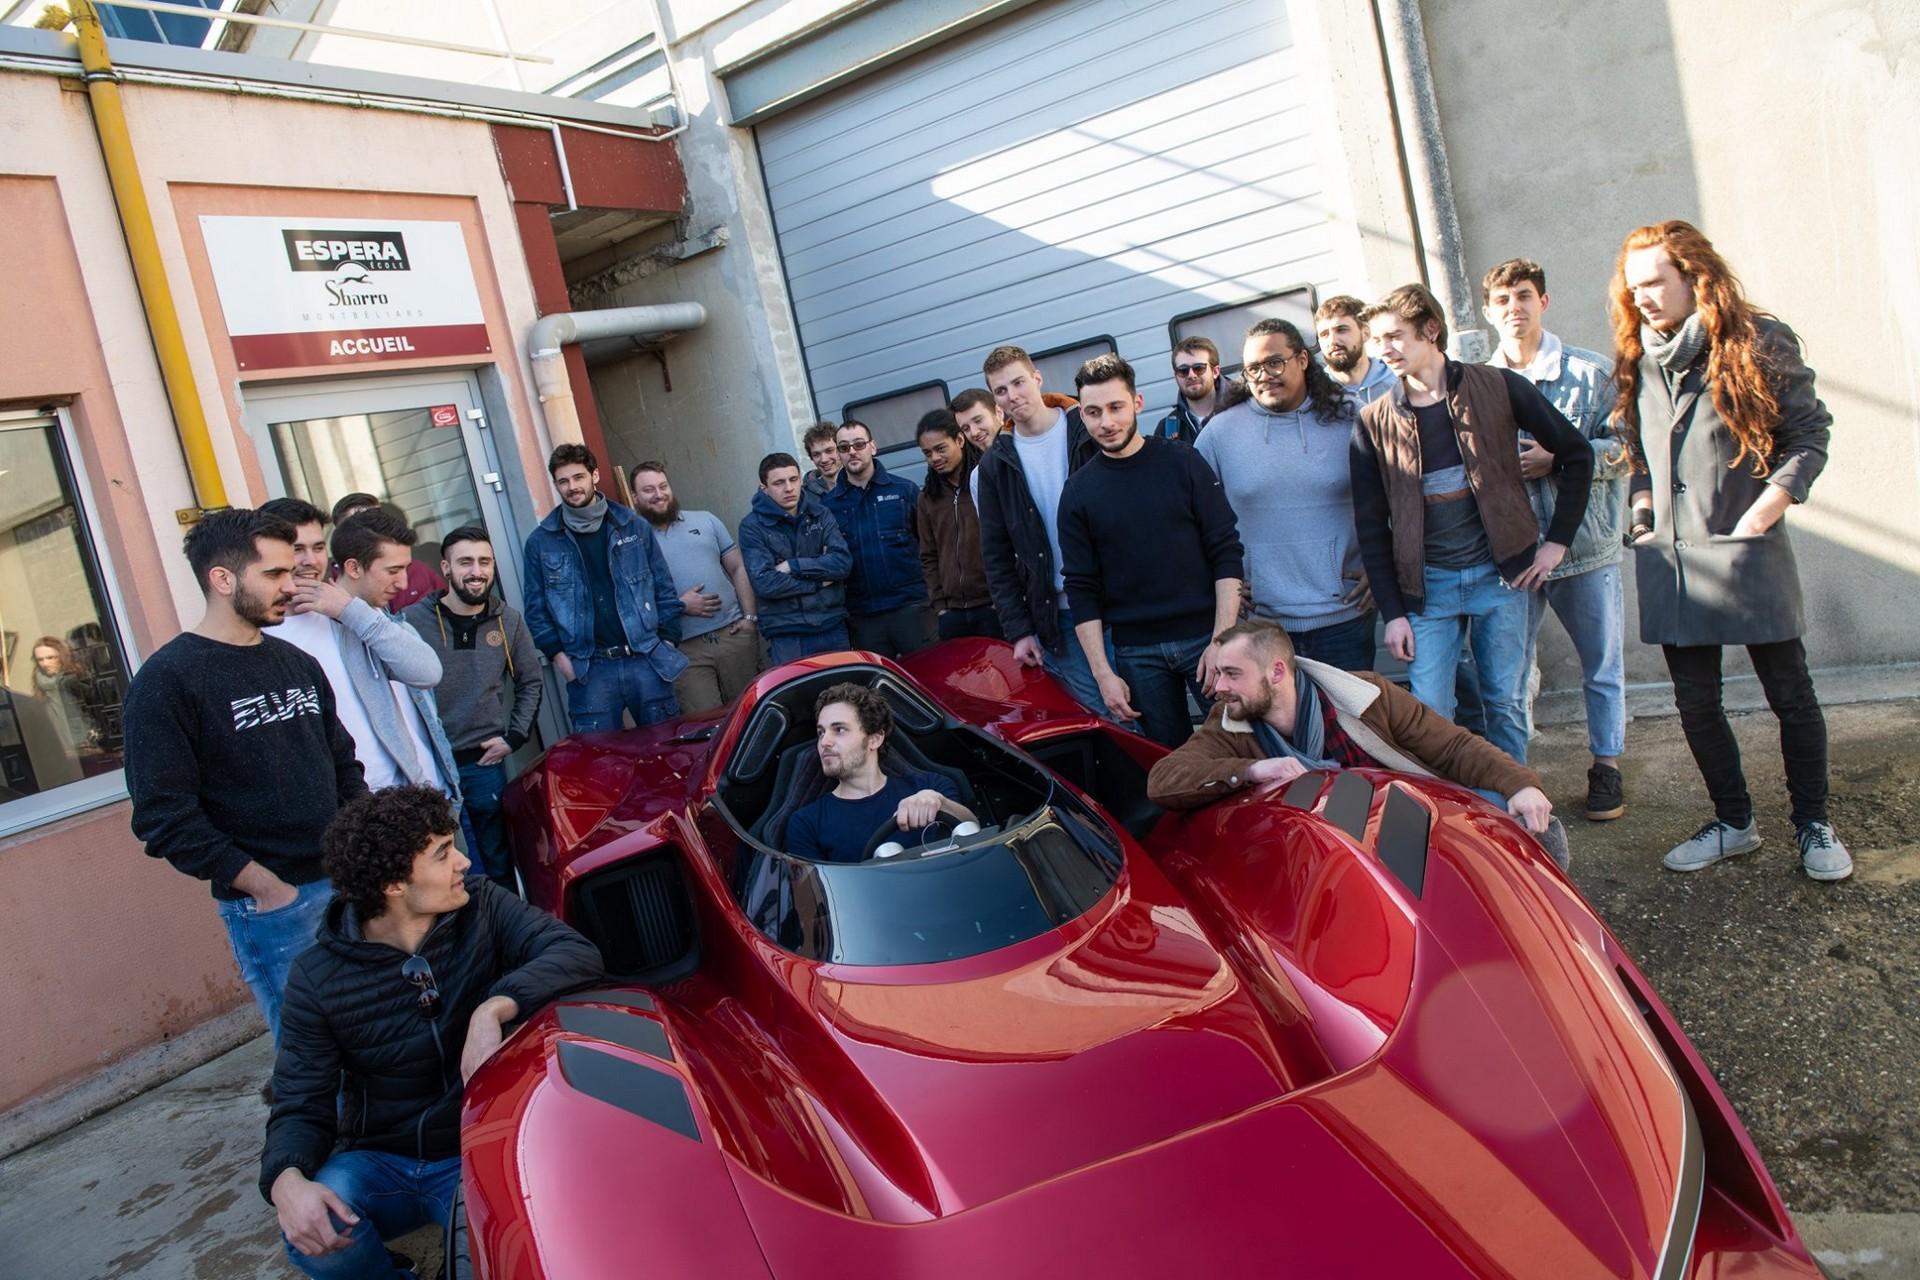 Espera-Sbarro-Saetta-Concept-4